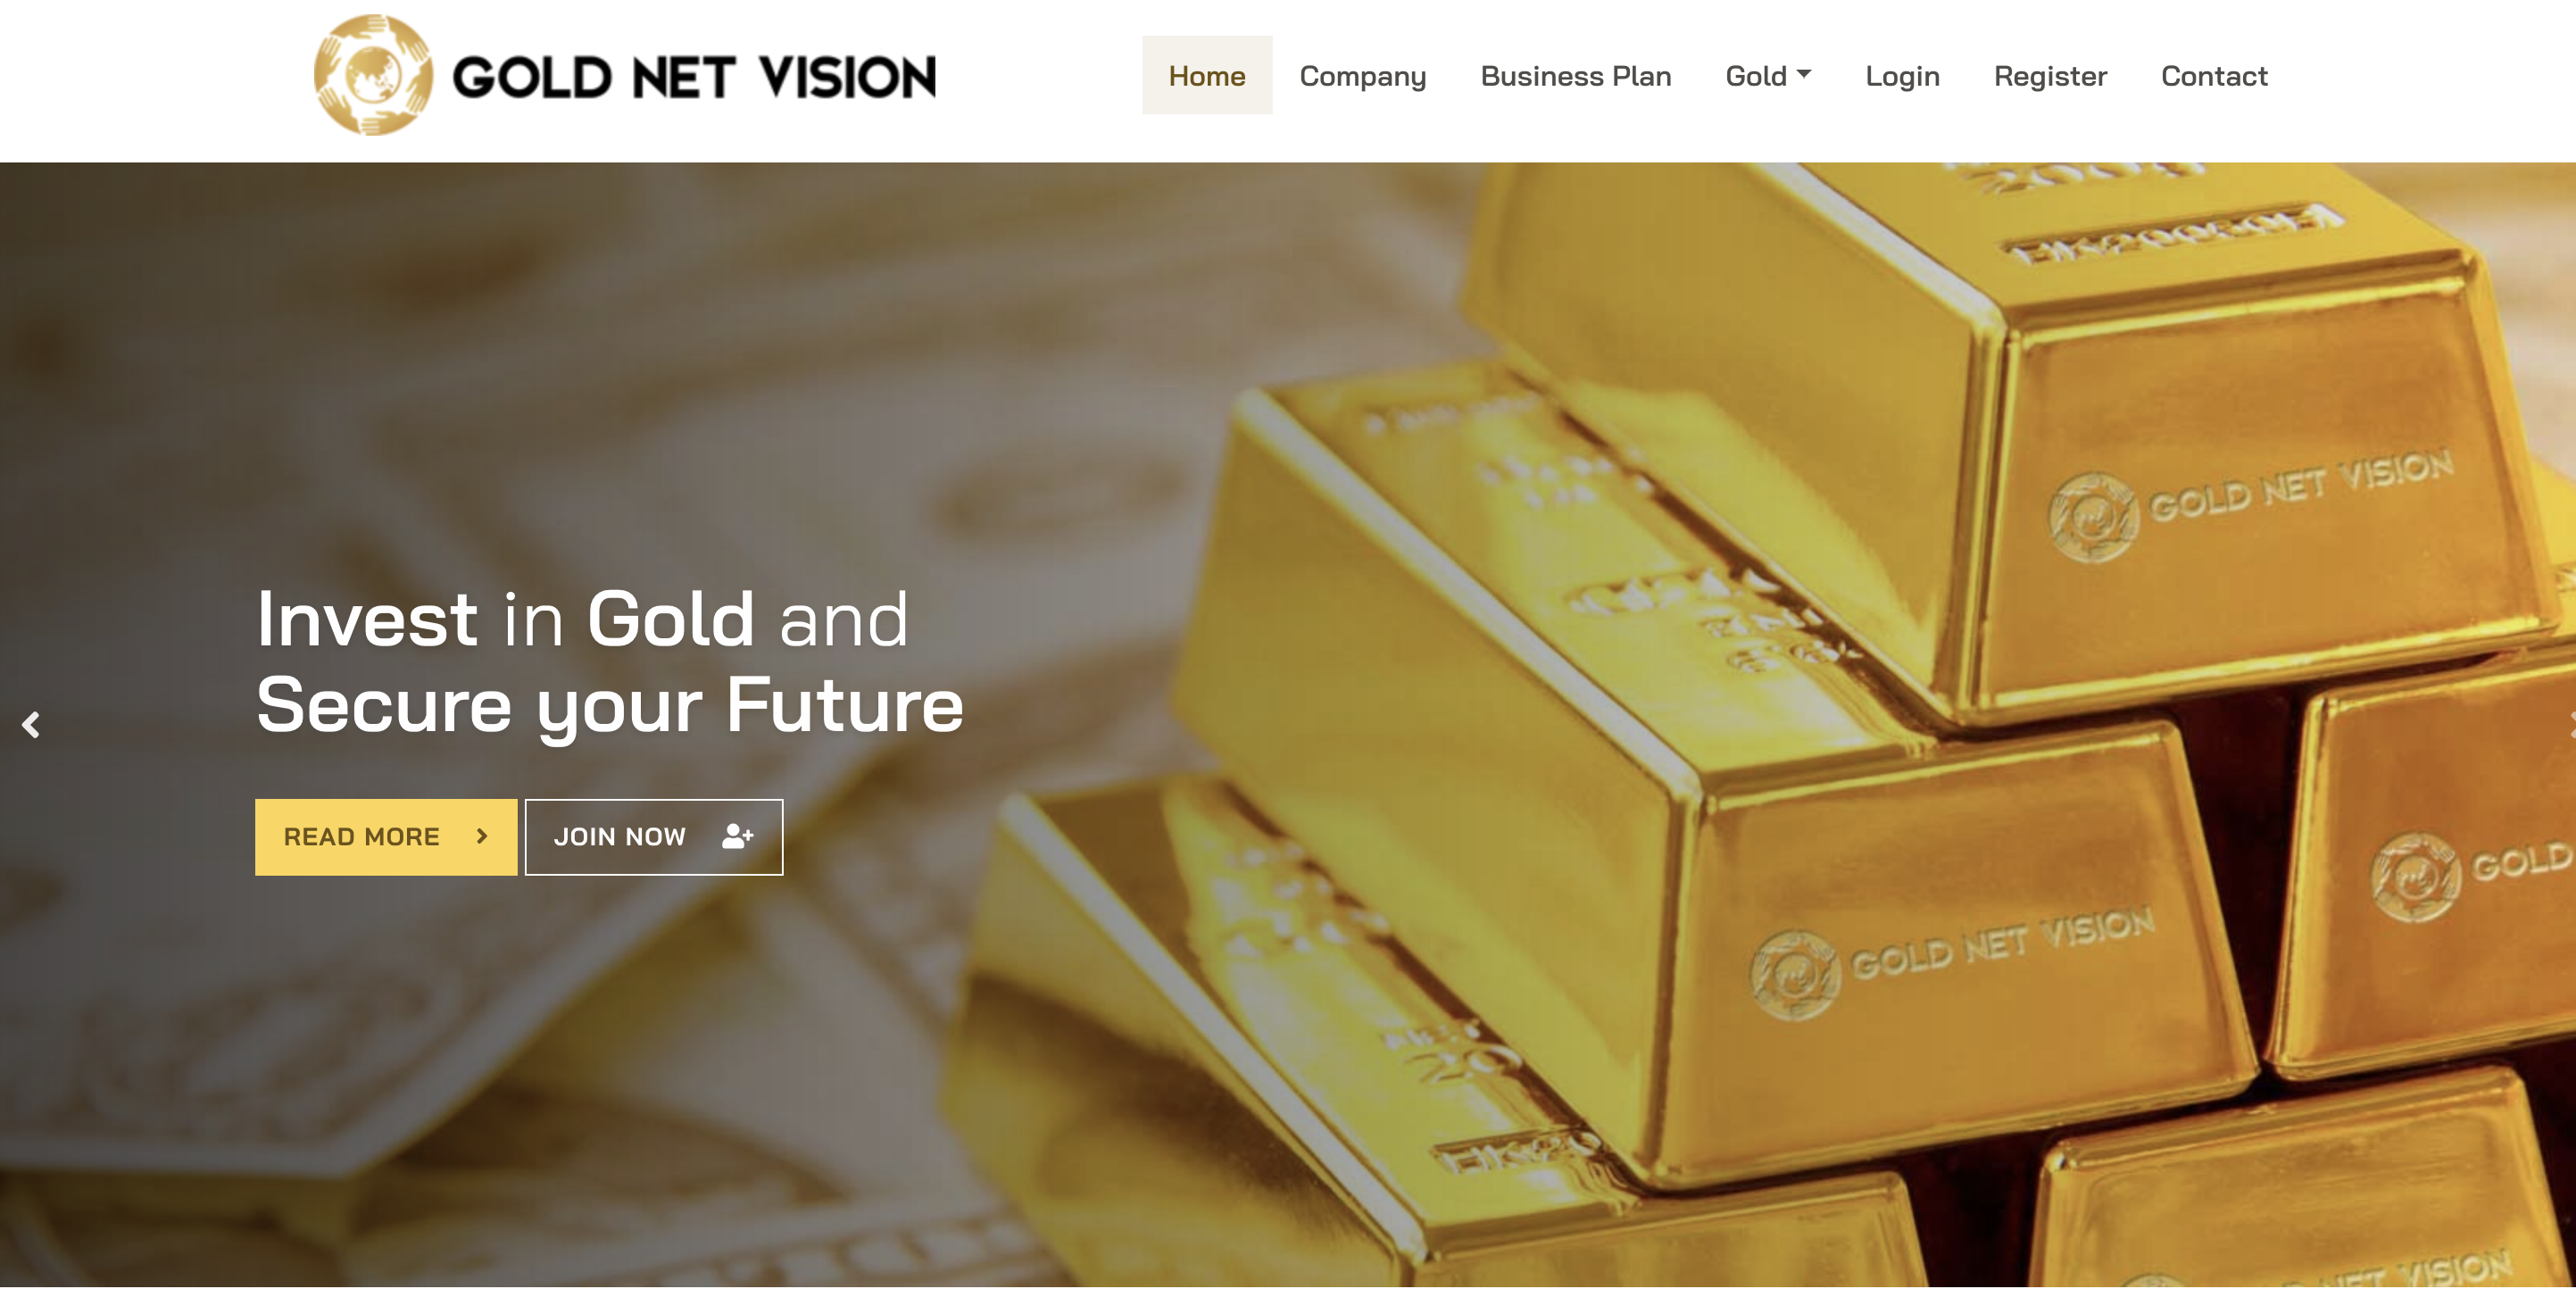 GOLD NET VISION(ゴールドネットビジョン)